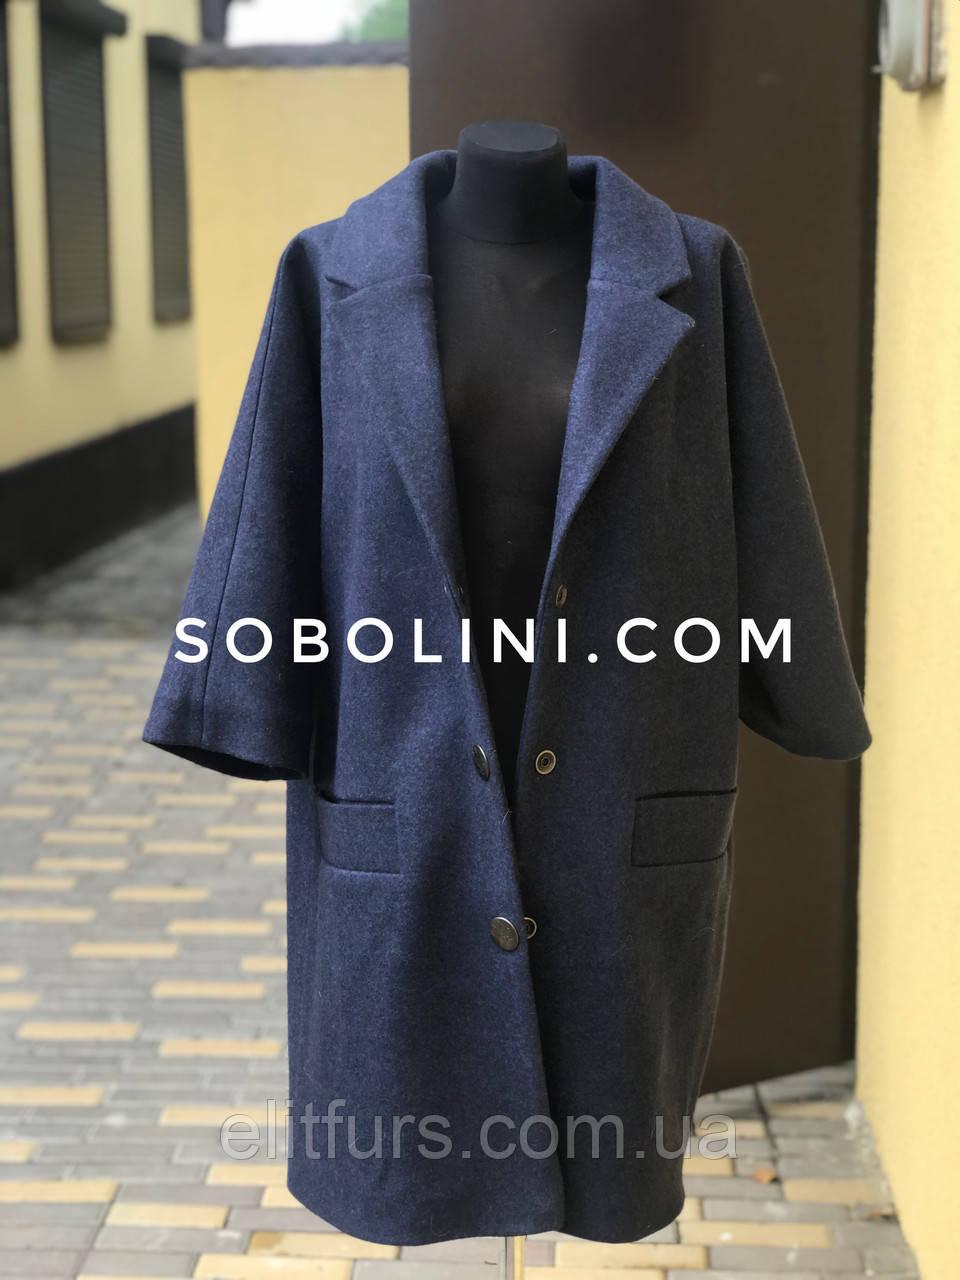 Пальто с английским воротником в наличии